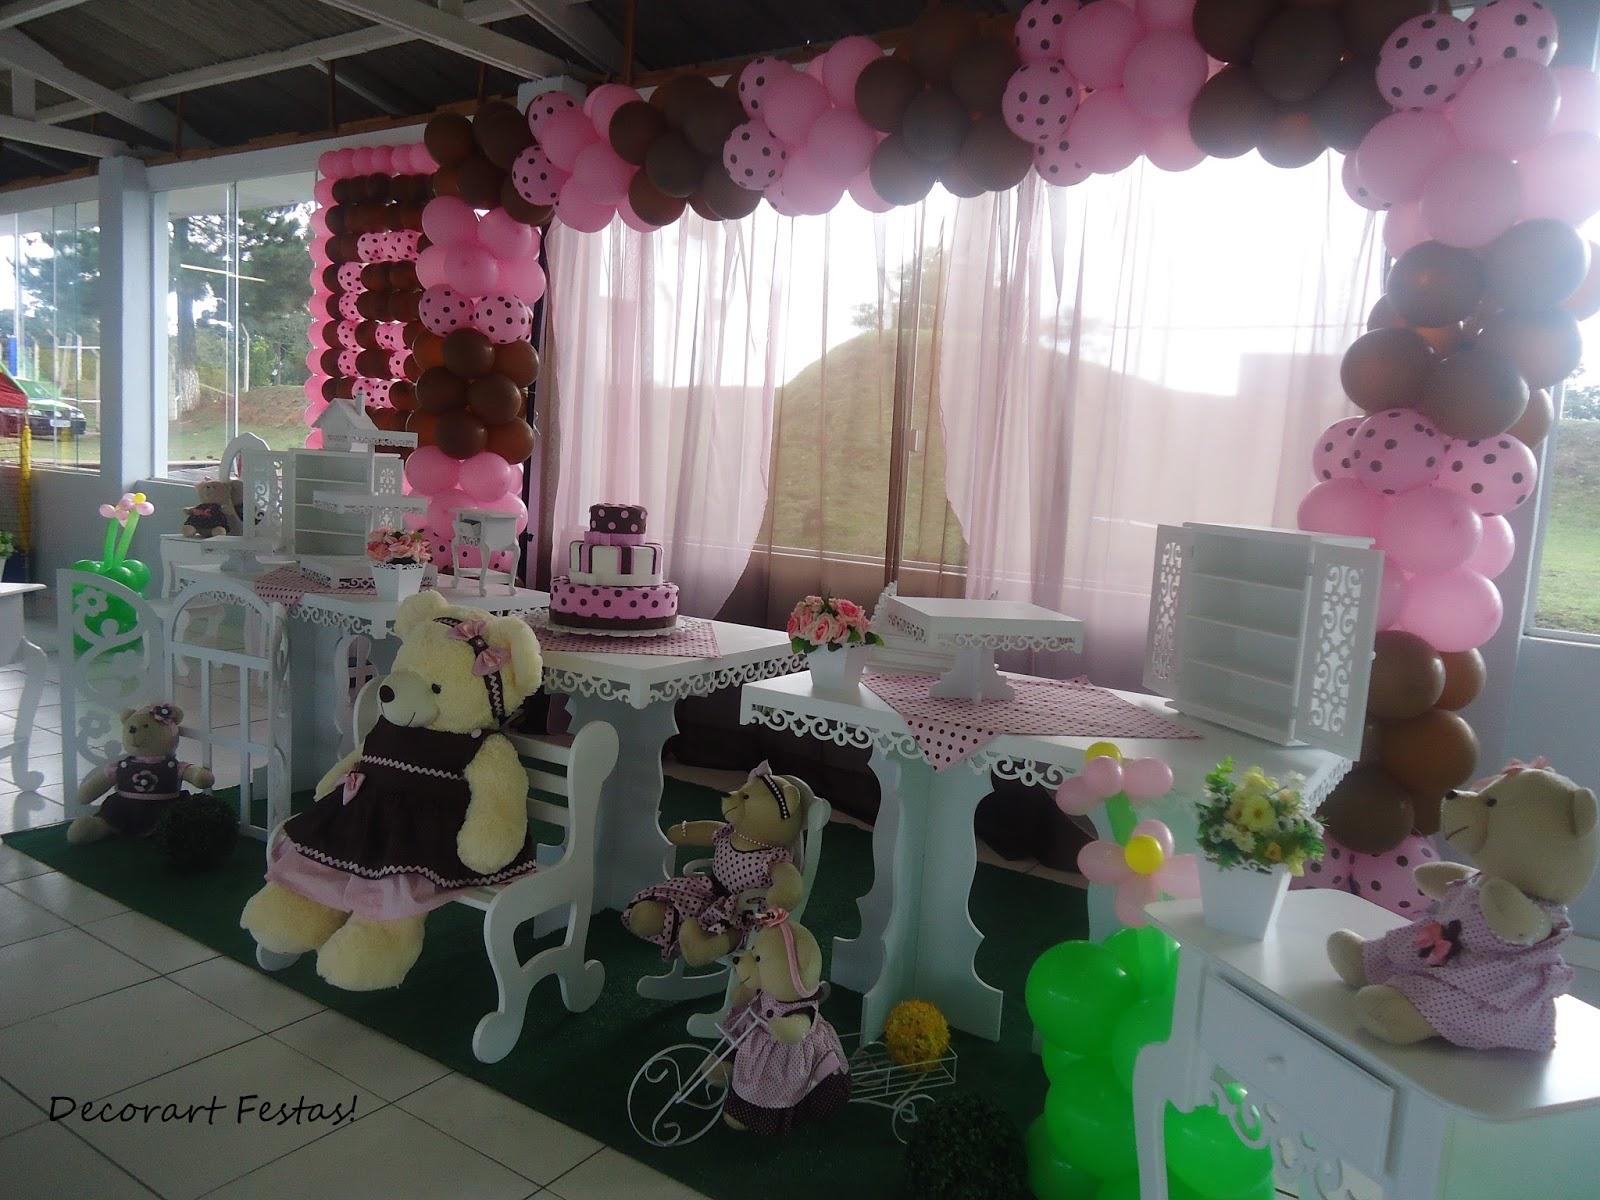 Decorart Festa  Decoração de festa infantil em Curitiba provençal